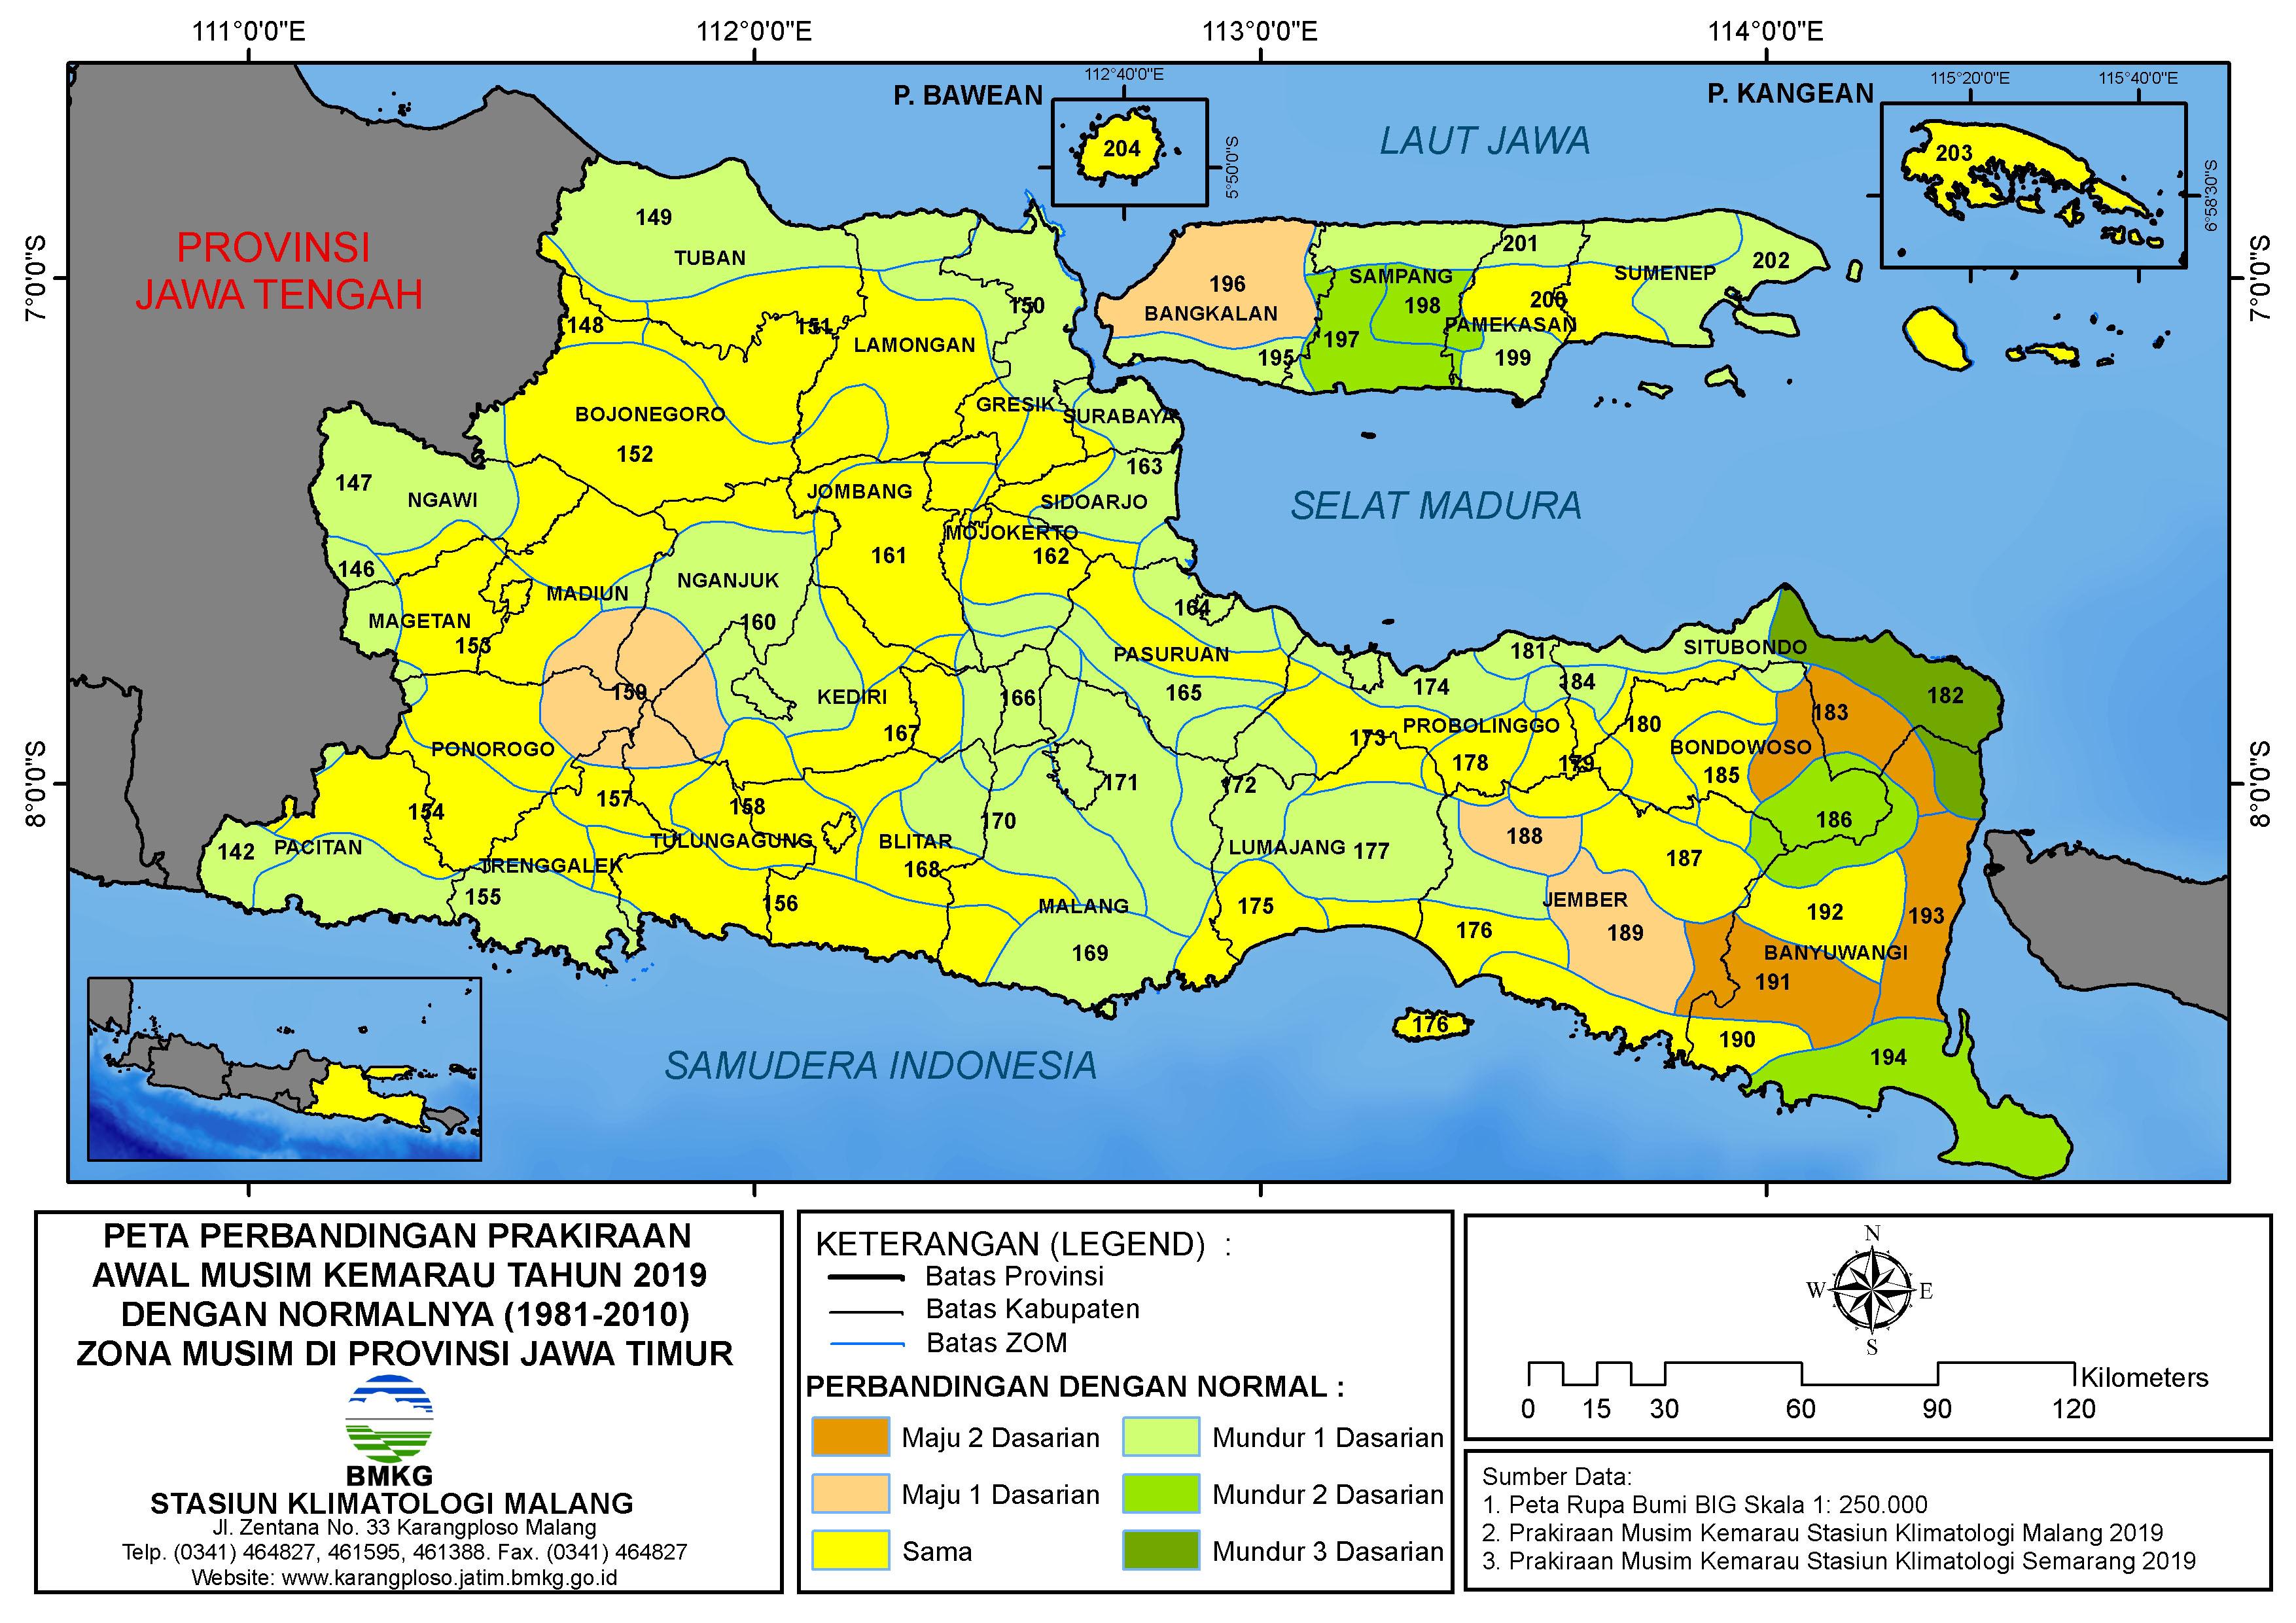 Peta Perbandingan Prakiraan Awal Musim Kemarau Tahun 2019 dengan Normalnya 1981 2010 Zona Musim di Provinsi Jawa Timur